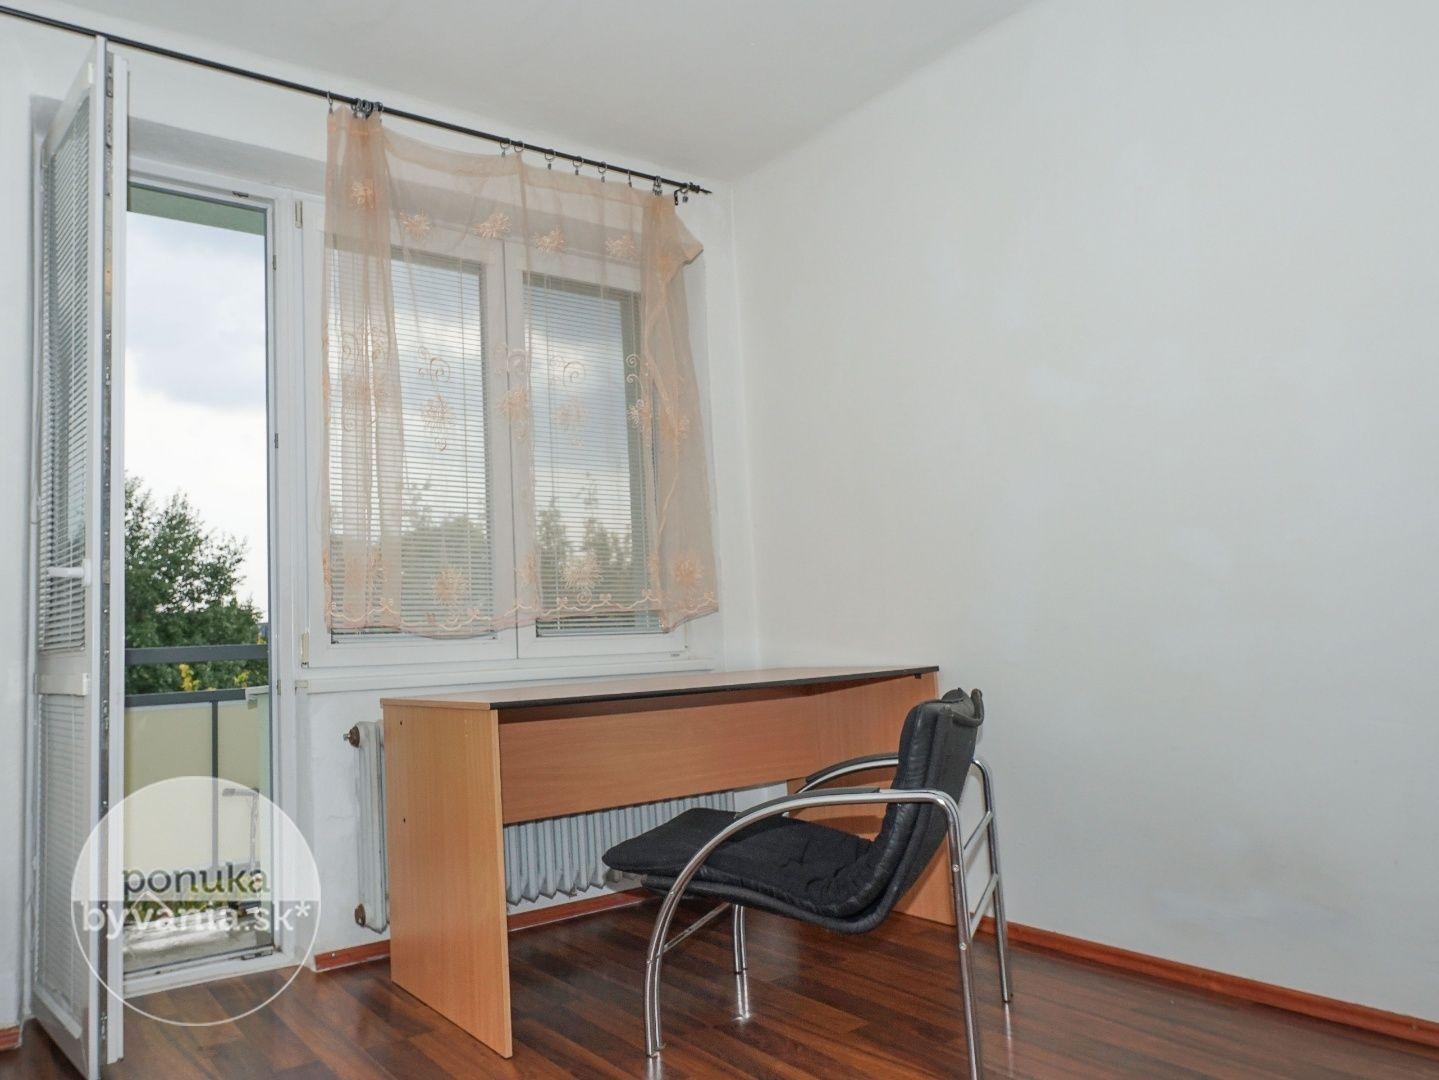 ponukabyvania.sk_Moldavská_2-izbový-byt_KOVÁČ